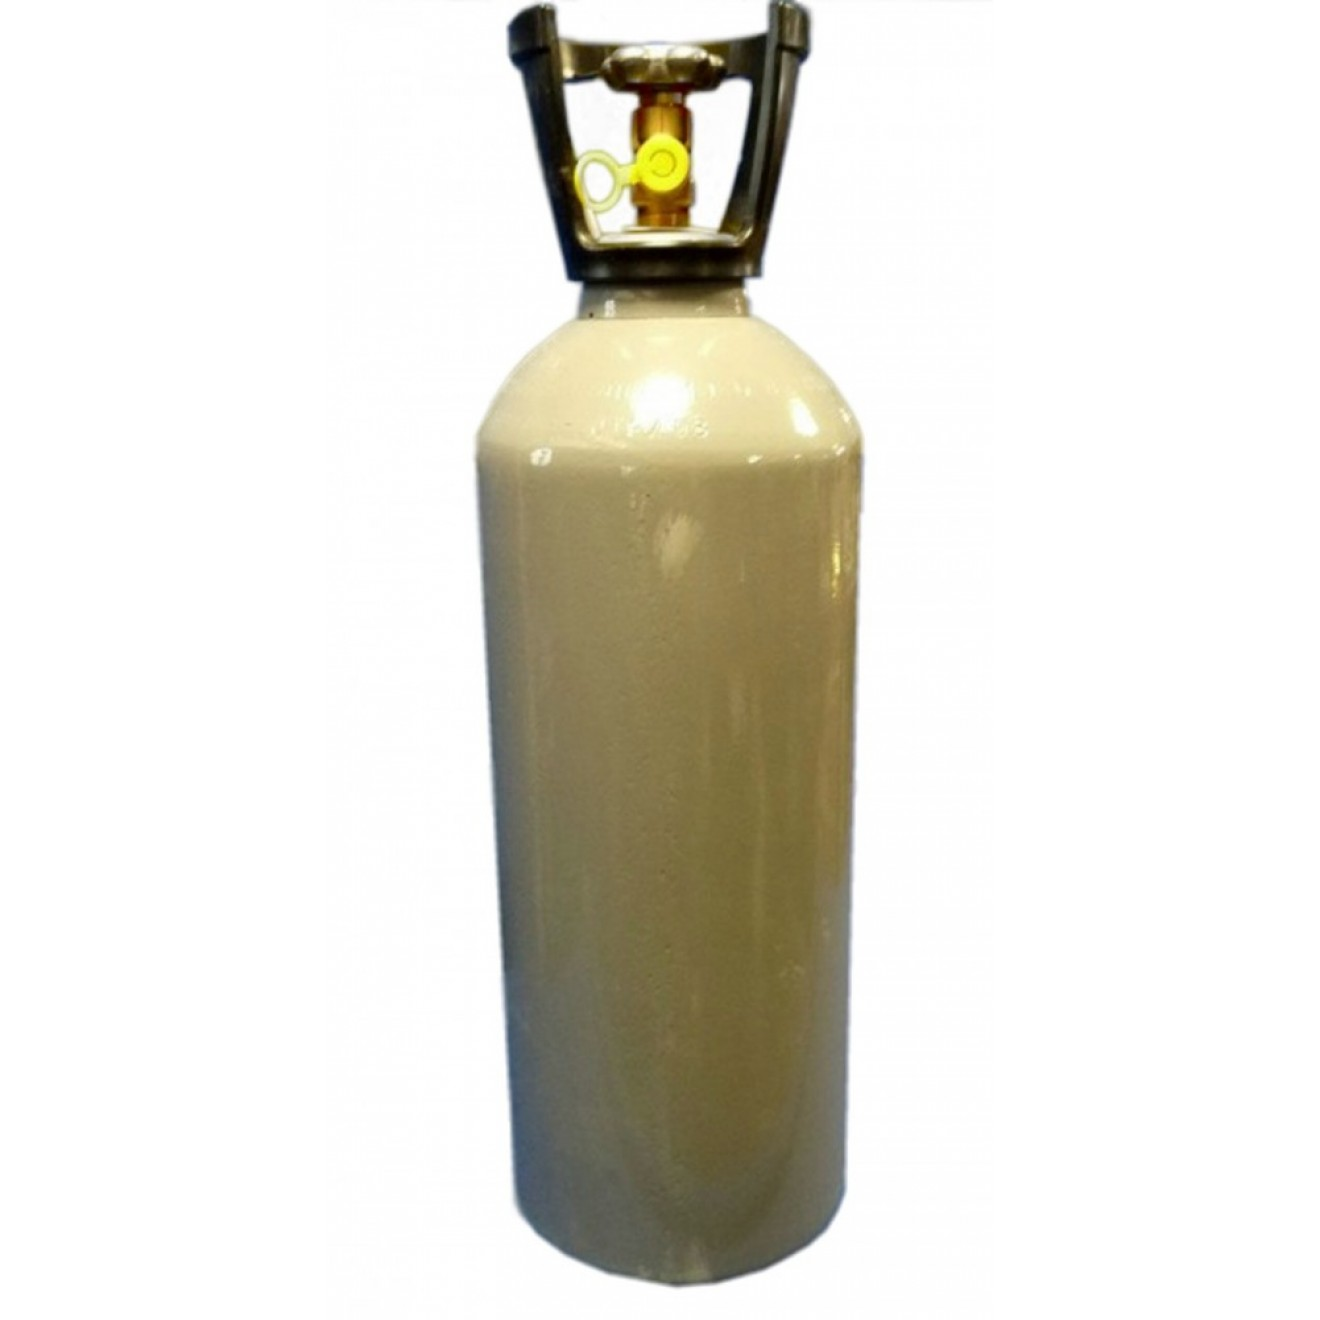 2 kg steigrohrflasche co kohlens ureflasche. Black Bedroom Furniture Sets. Home Design Ideas